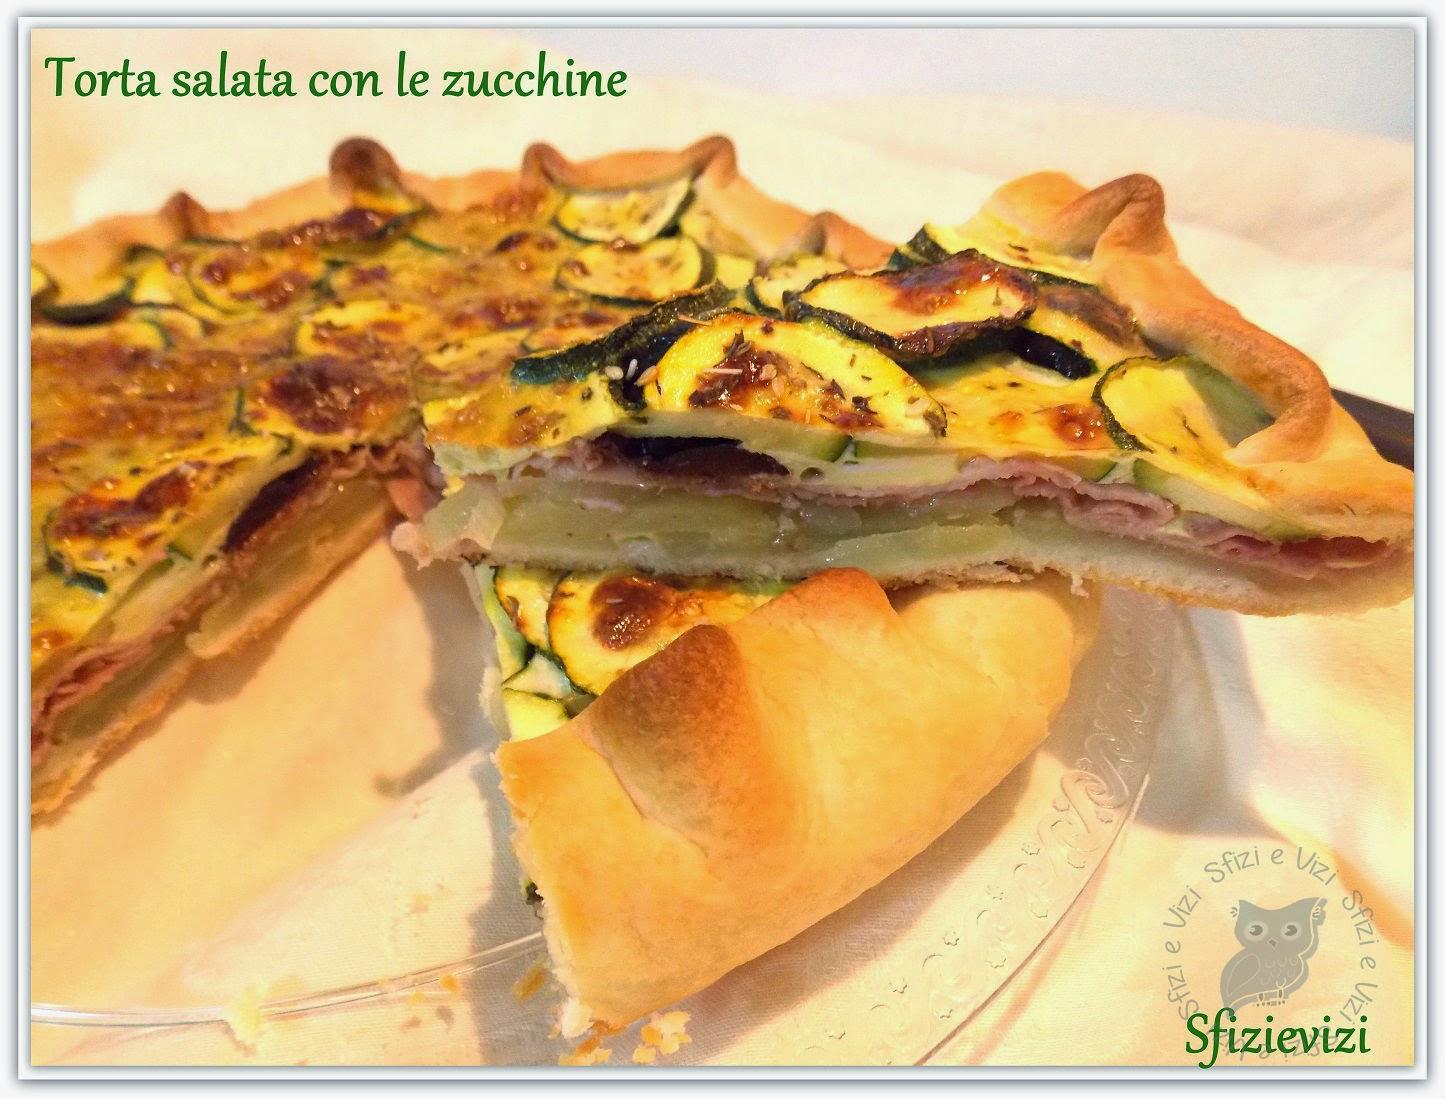 torta salata con patate zucchine prosciutto cotto e scalogno - ricetta senza latticini -